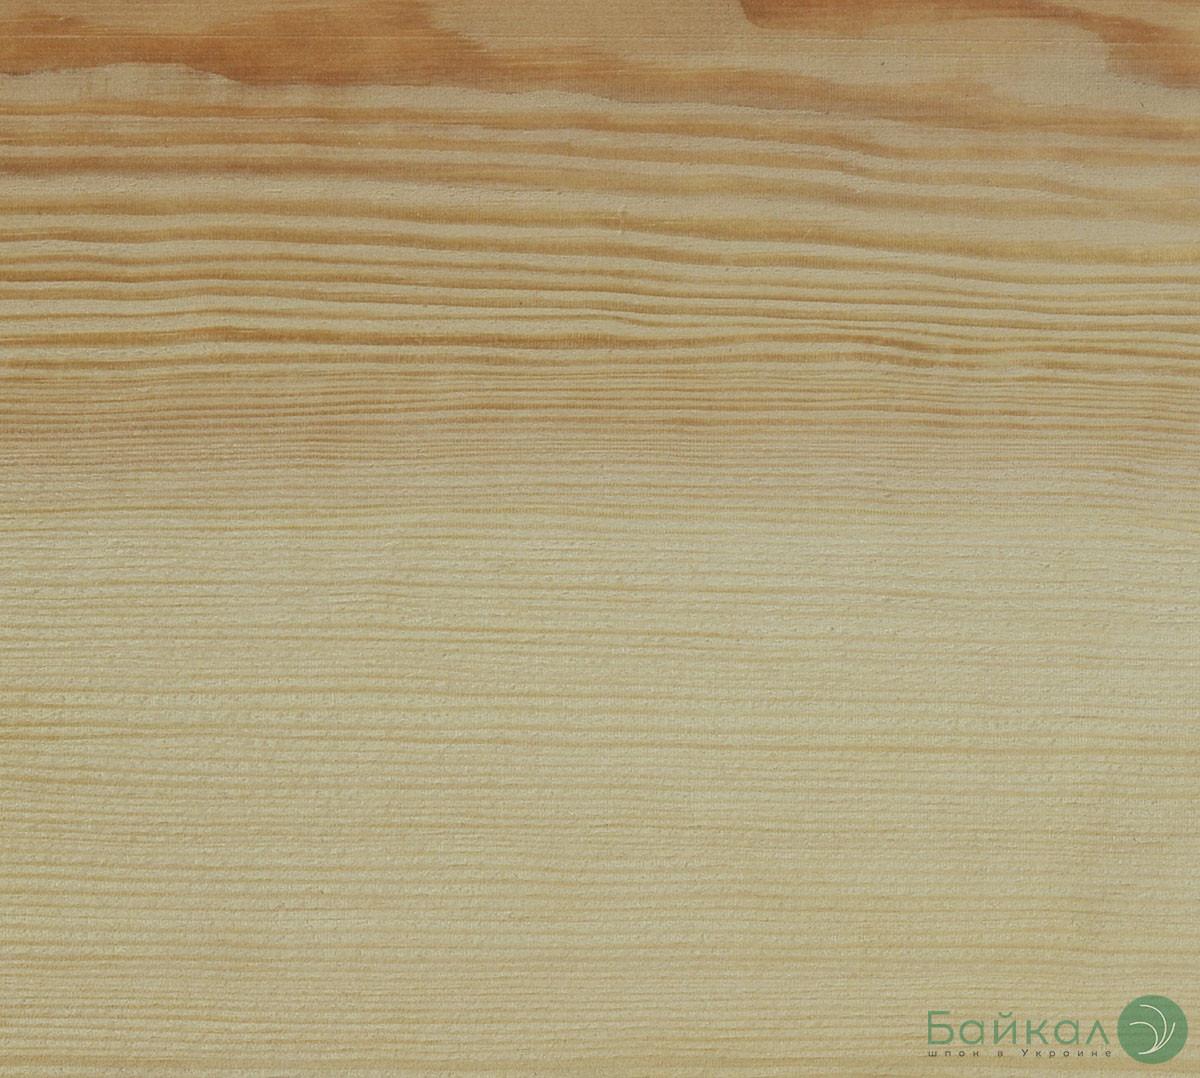 Шпон Сосни - 2,5 мм довжина від 0,80 - 2,05 м / ширина від 10 см (I гатунок)